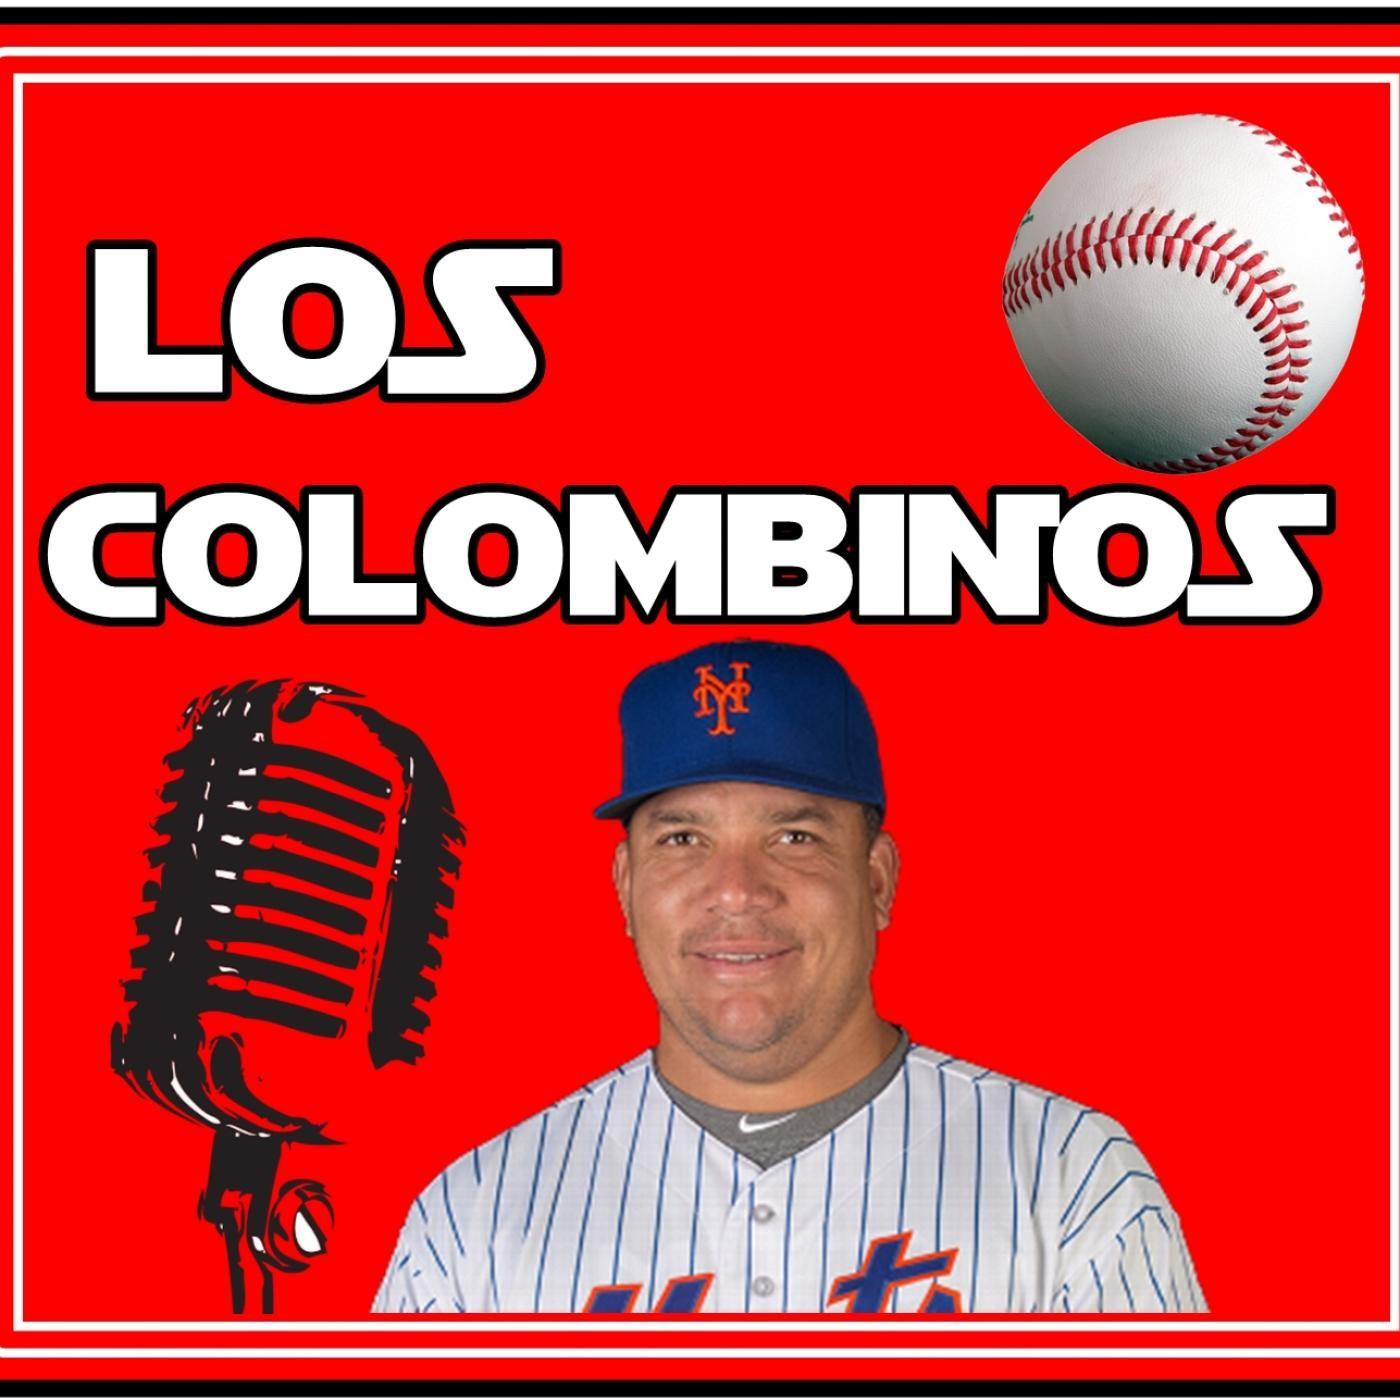 <![CDATA[Los Colombinos]]>